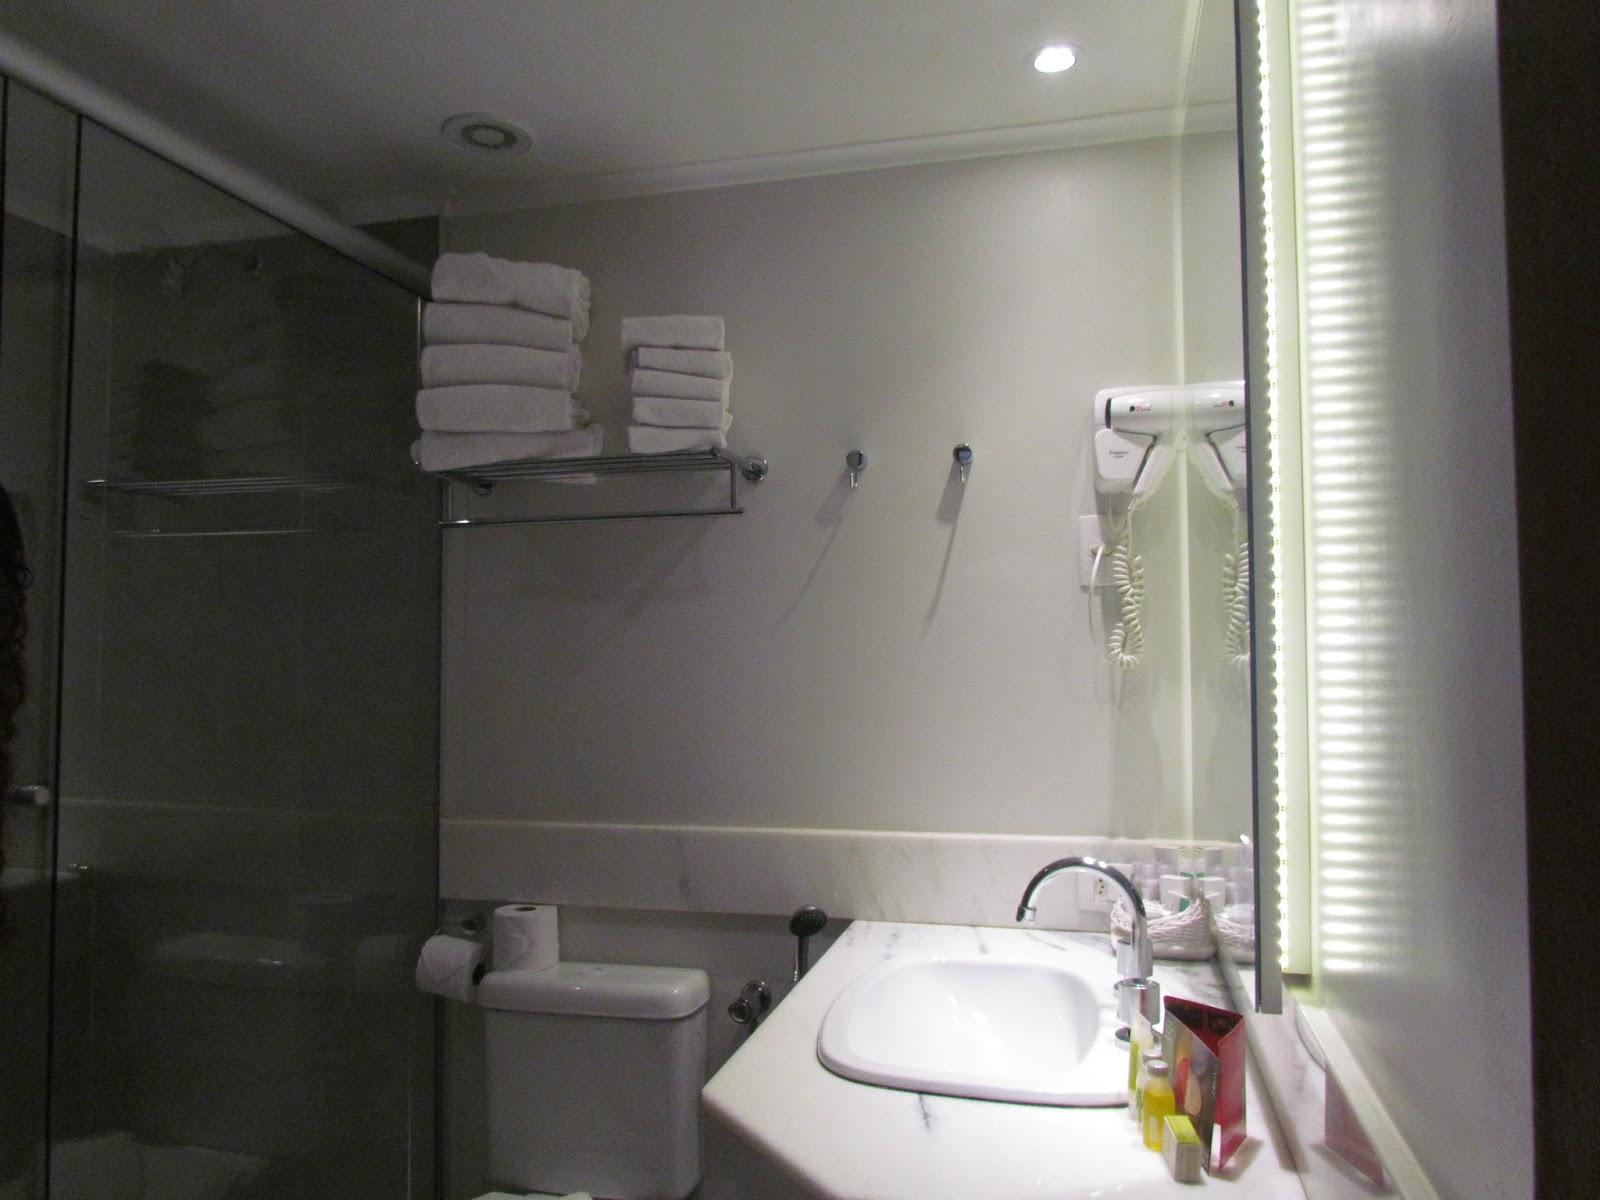 Banheirocom excelente ducha. Cremes e óleos da Natura como amenidades  #615C4F 1600x1200 Banheiro Compartilhado Em Hotel